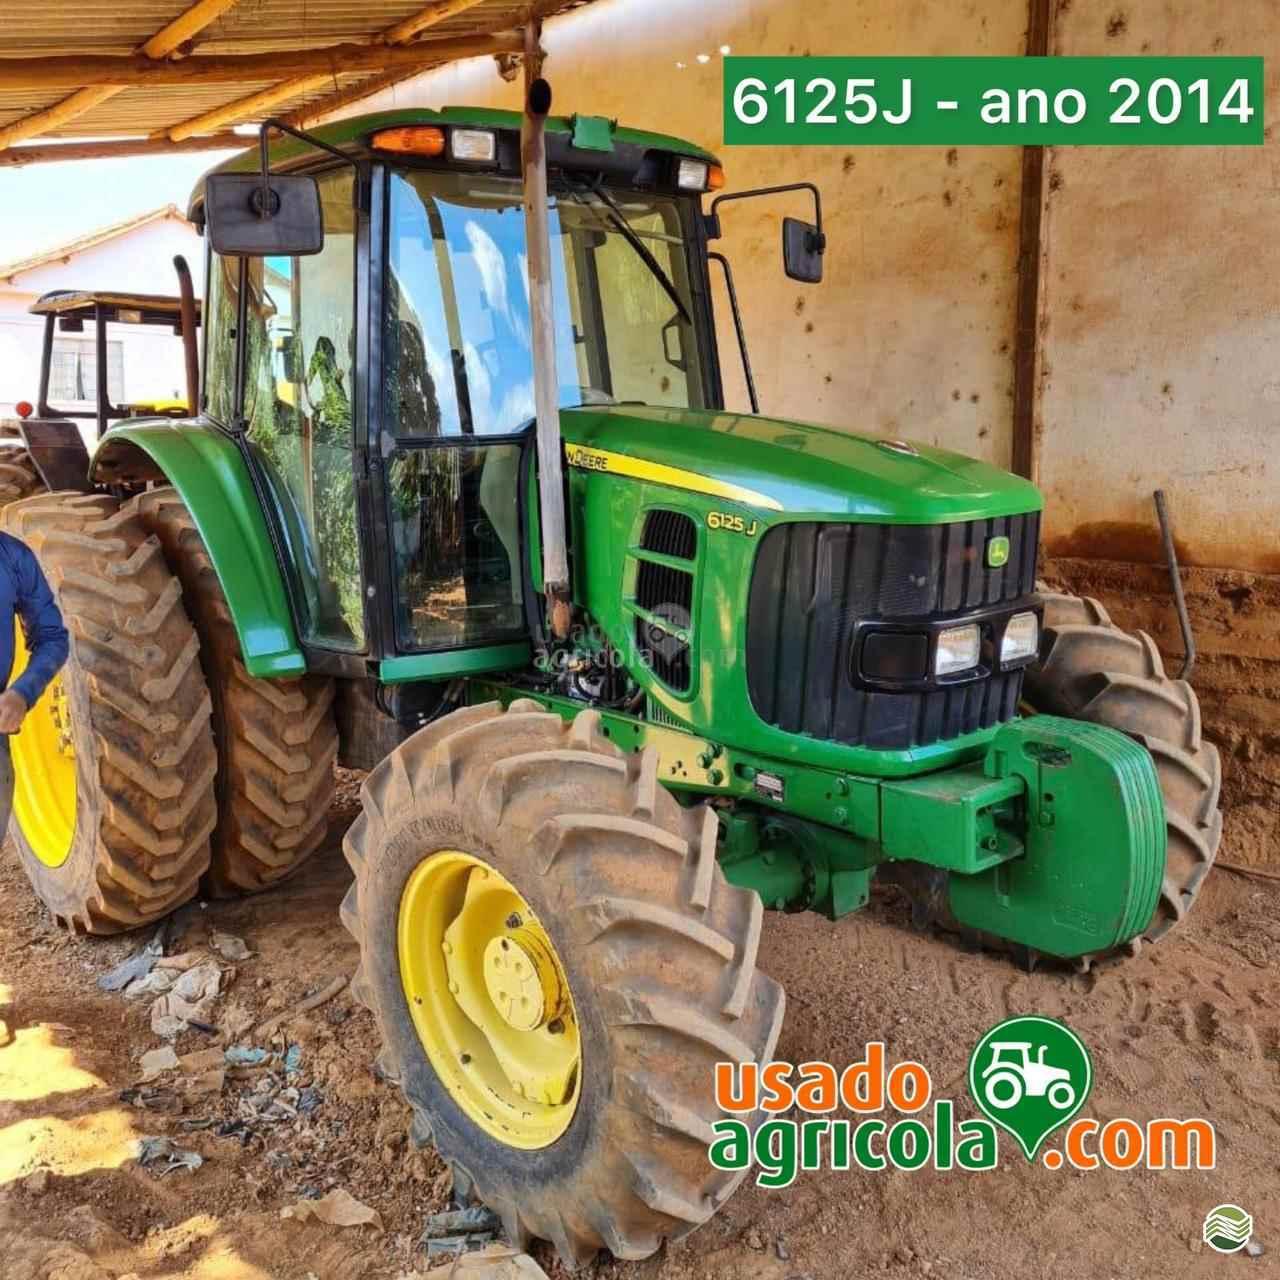 TRATOR JOHN DEERE JOHN DEERE 6125 Tração 4x4 Usado Agricola LUCAS DO RIO VERDE MATO GROSSO MT